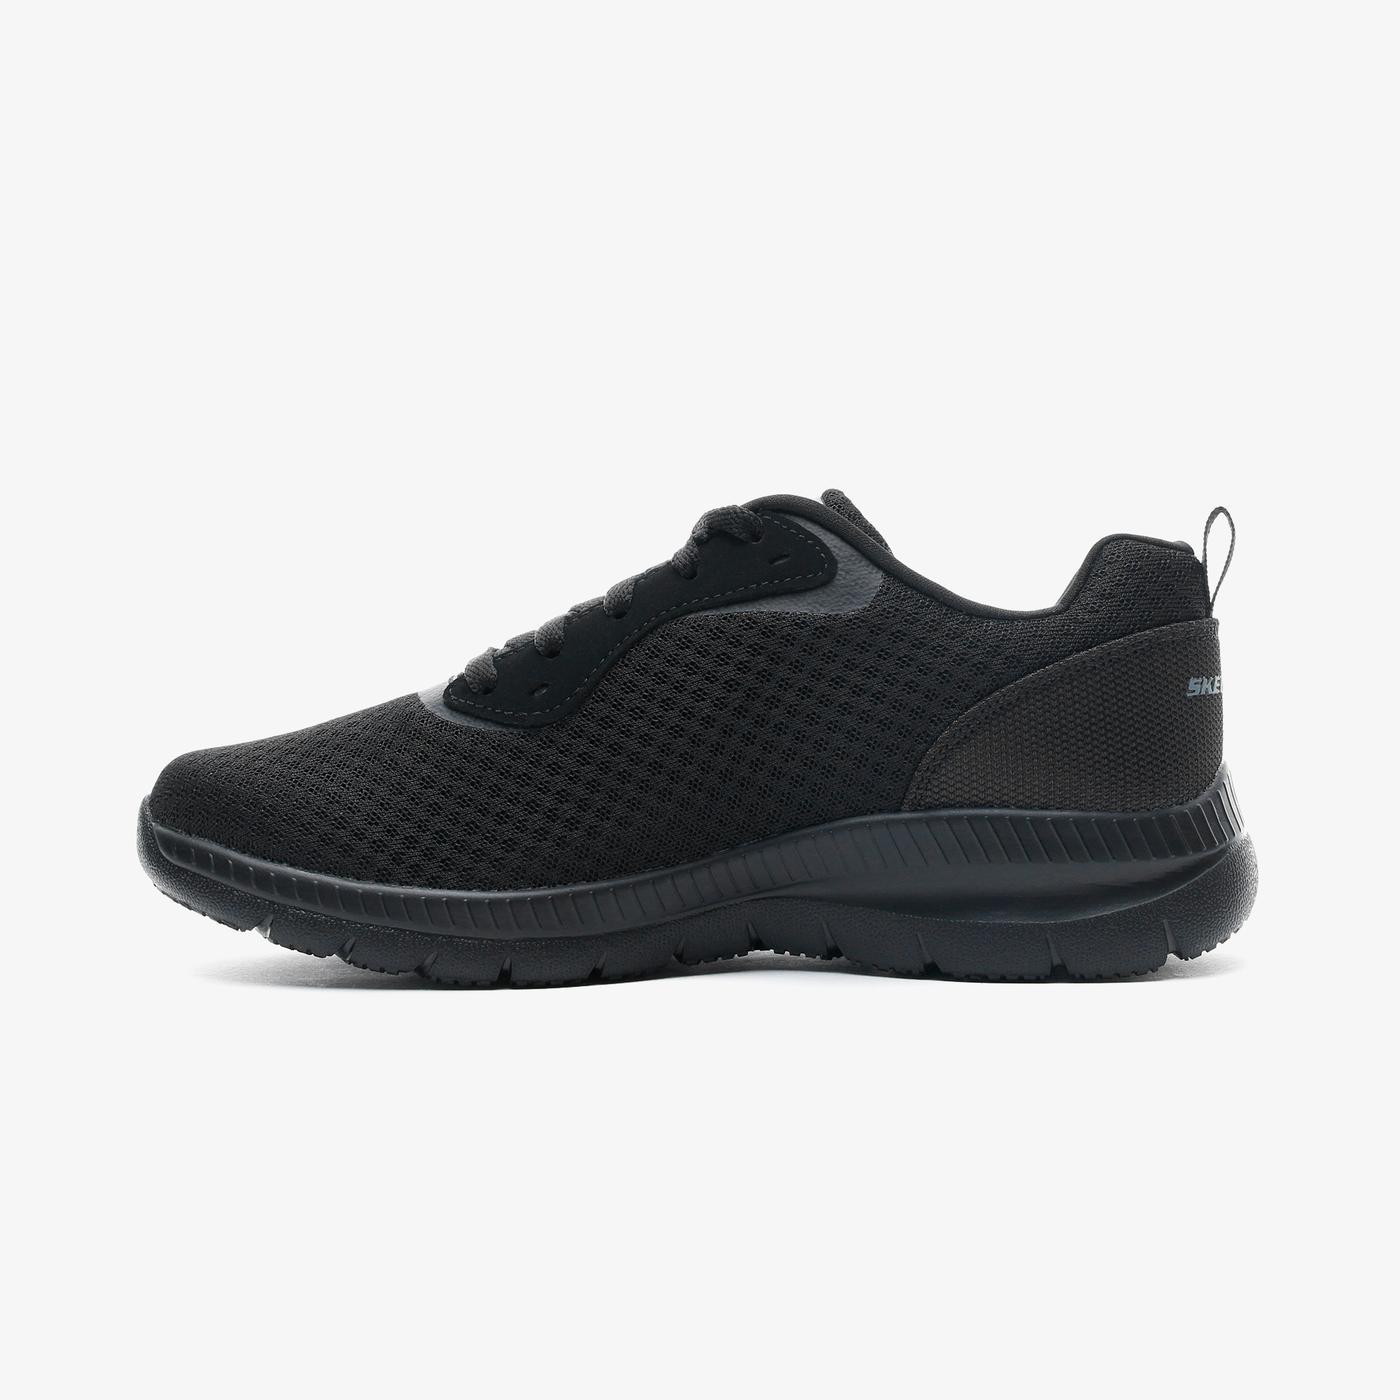 Skechers Bountiful Siyah Kadın Spor Ayakkabı